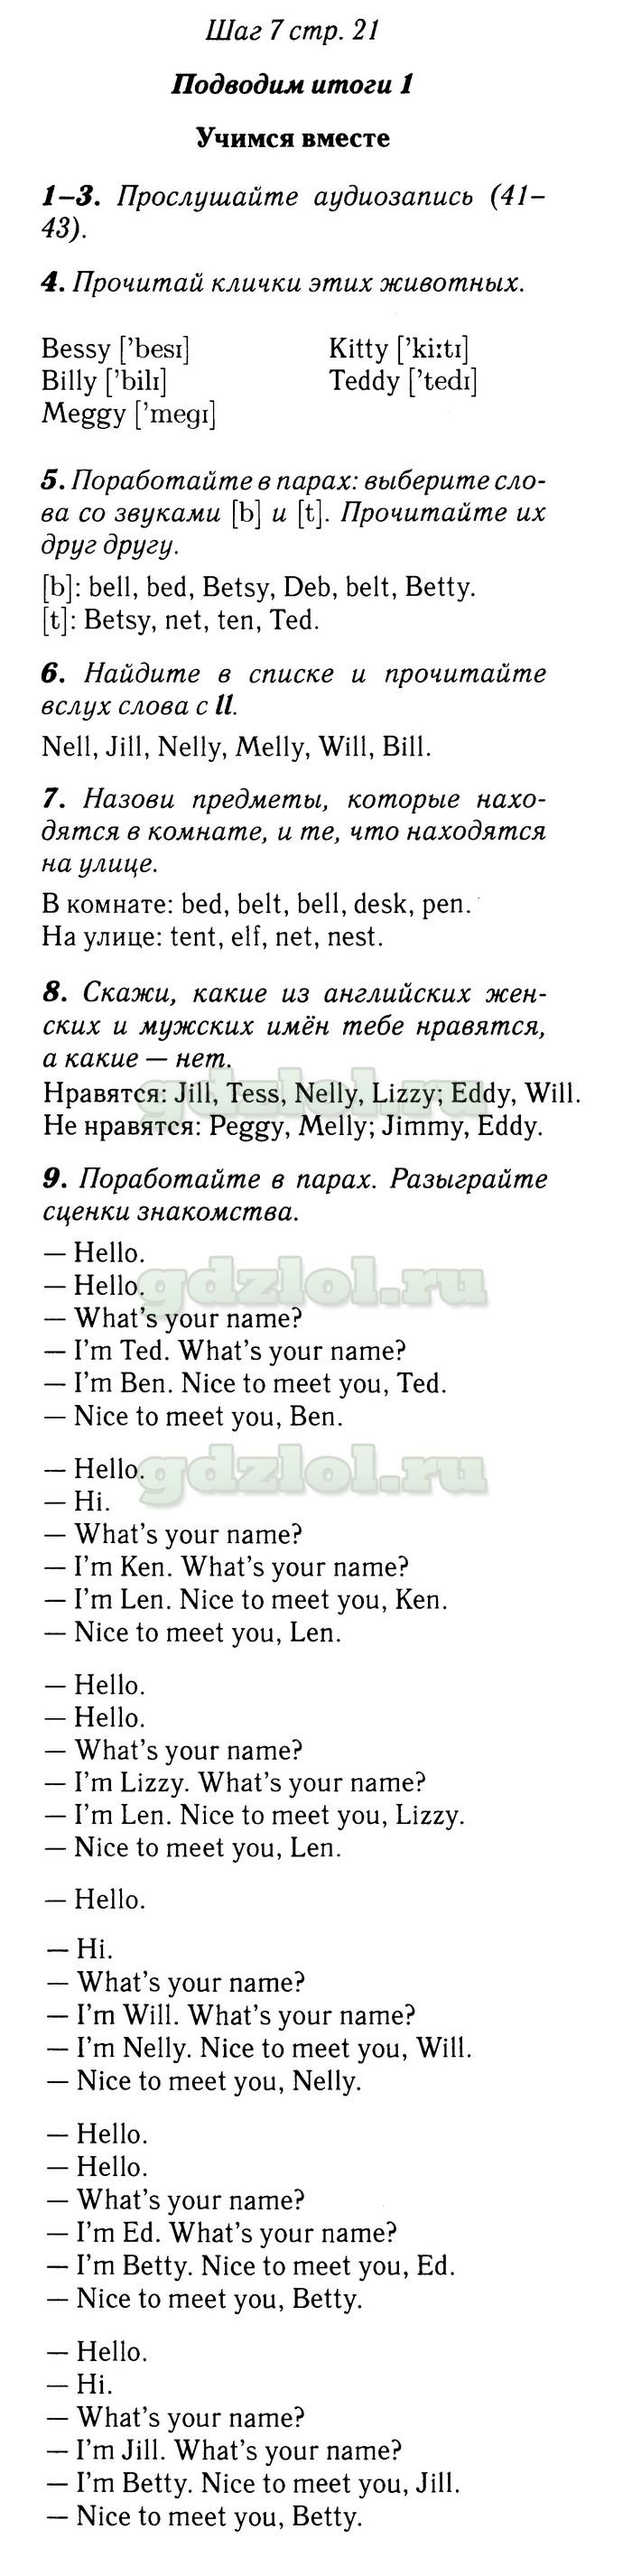 английский язык учебник стр 21